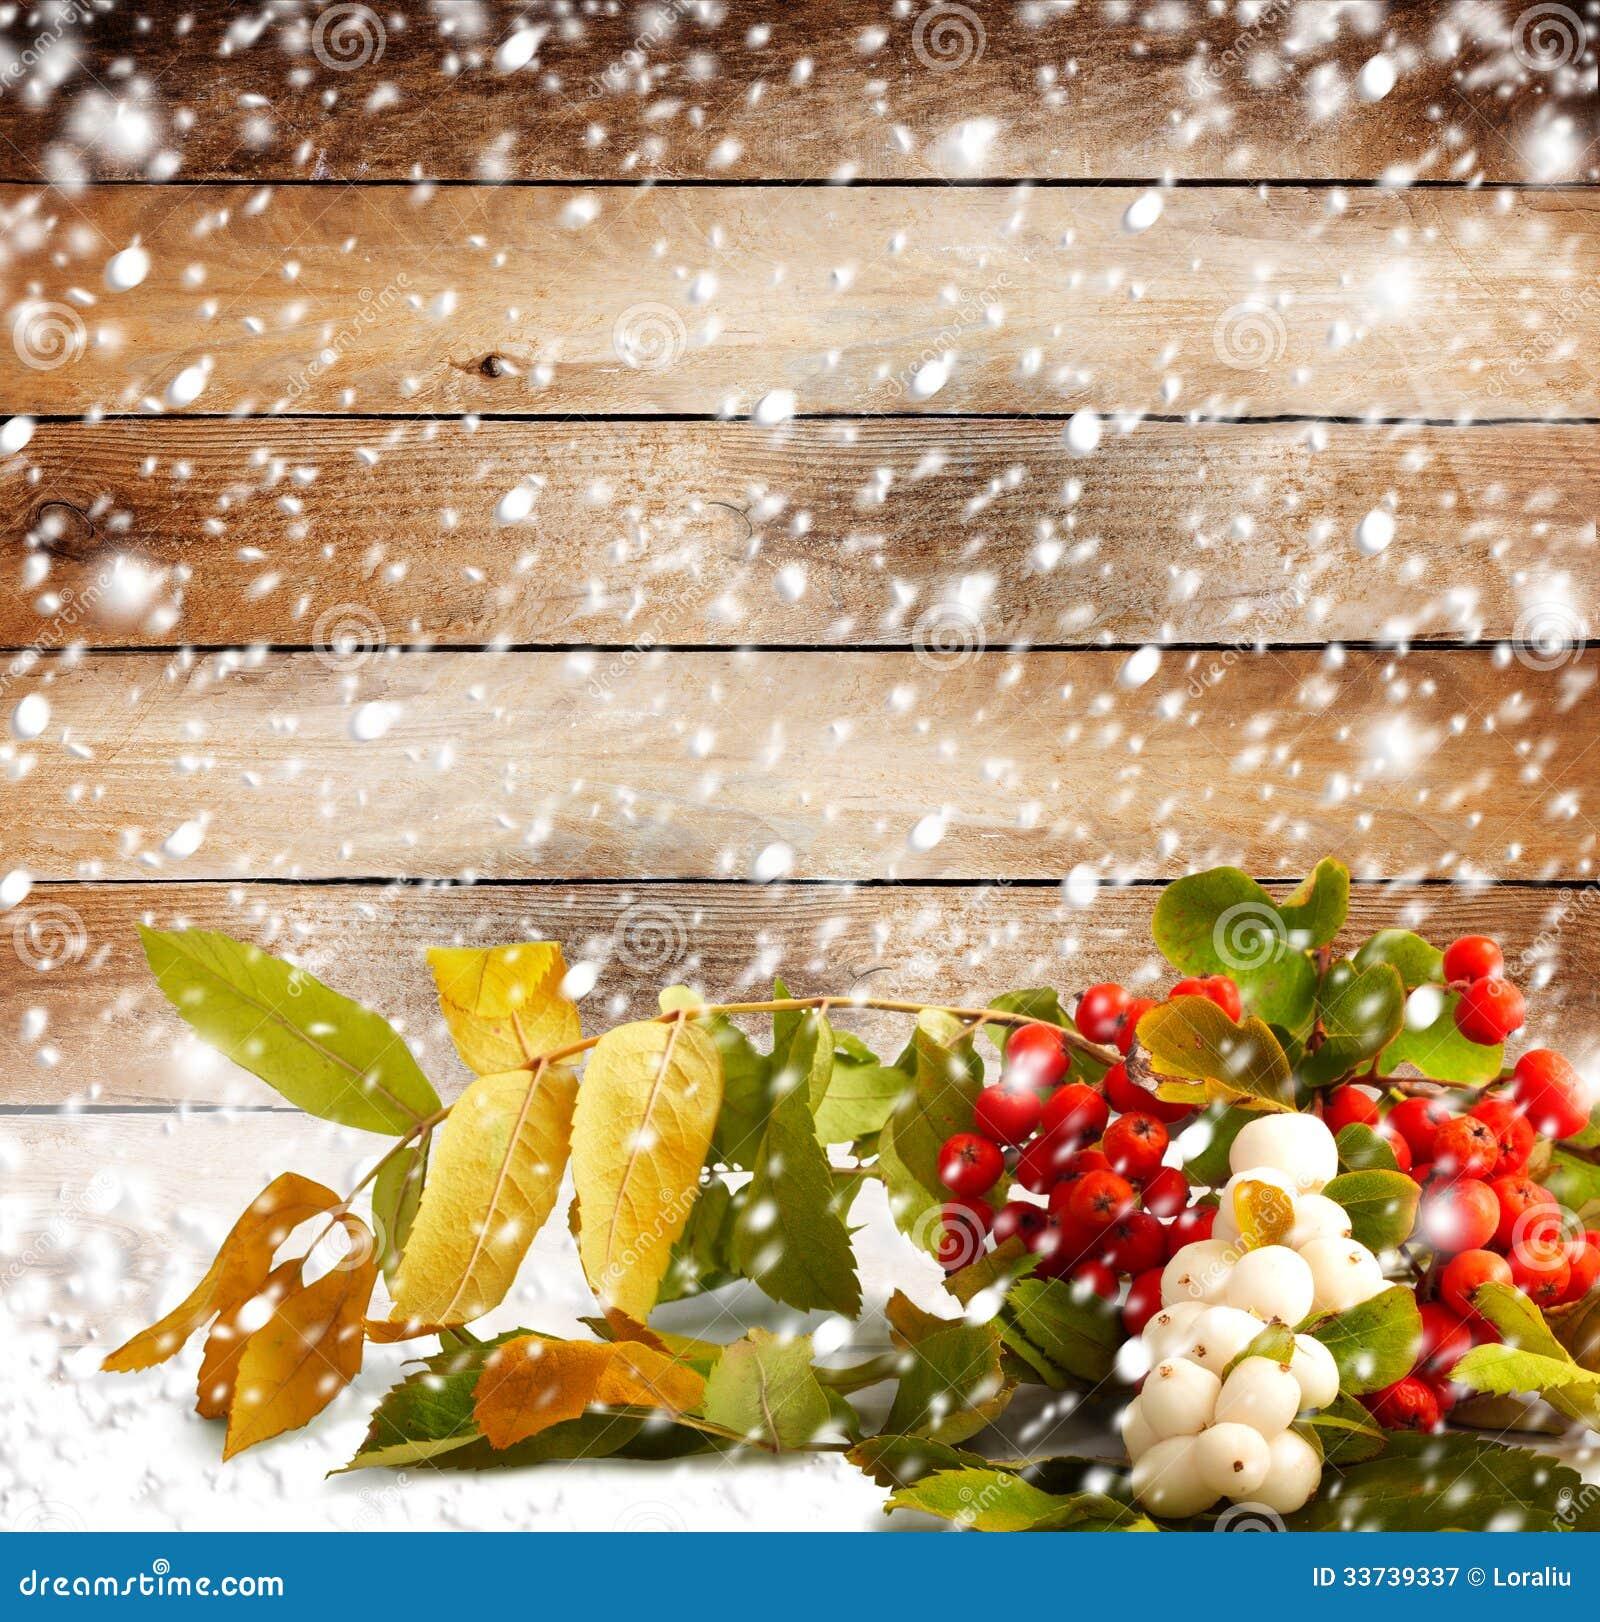 Салат рябина на снегу рецепт с фото